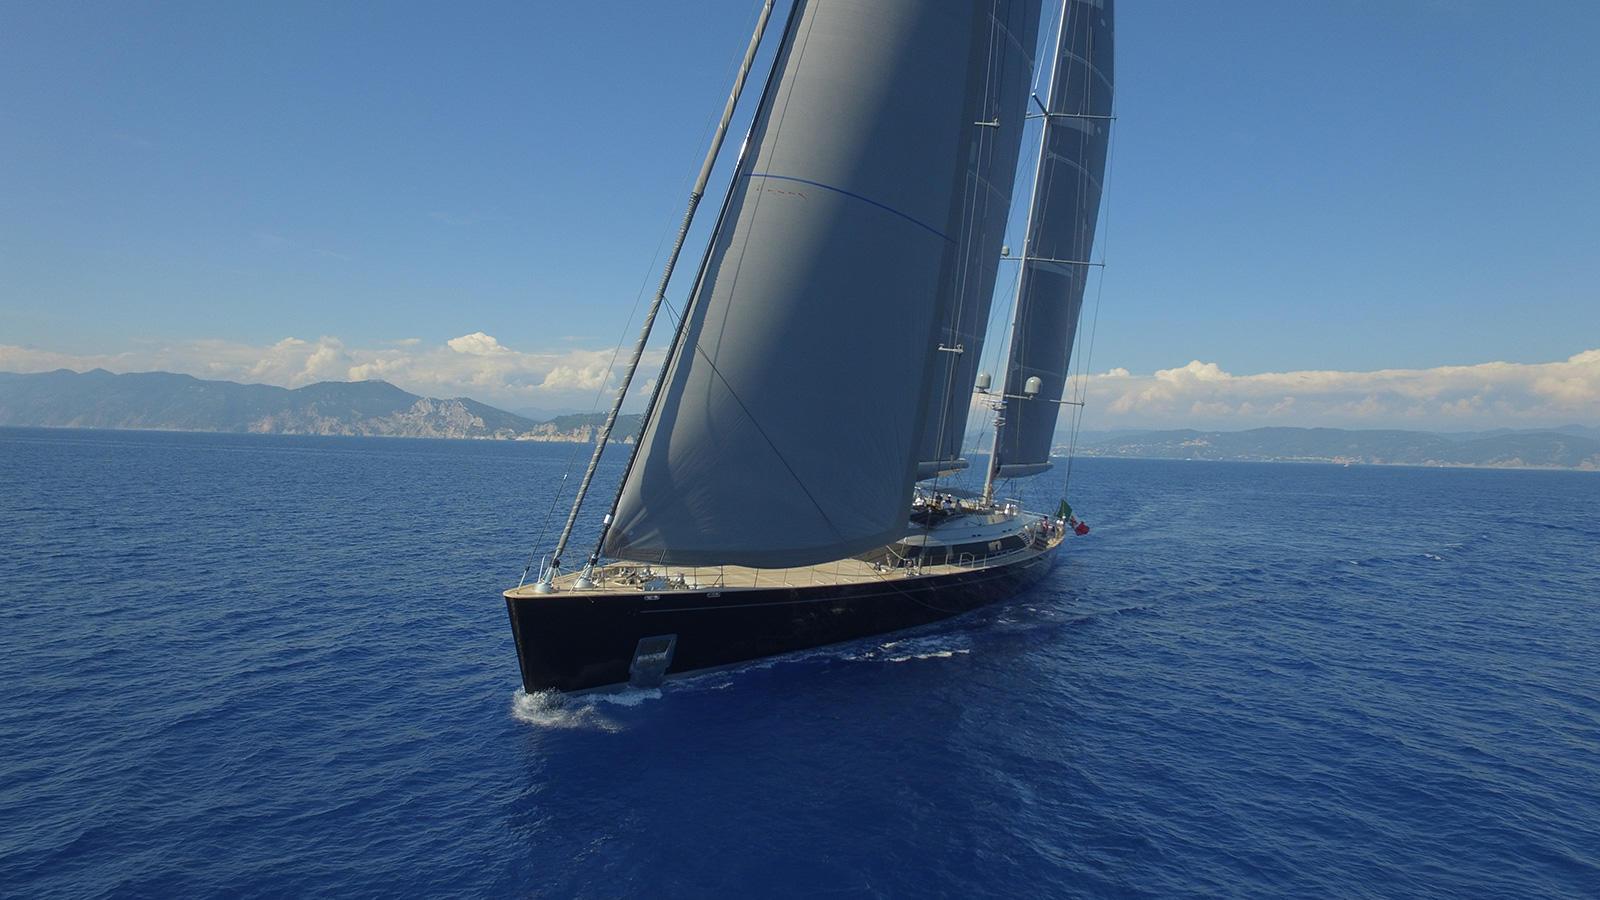 sybaris-super-yacht-sailing-boat